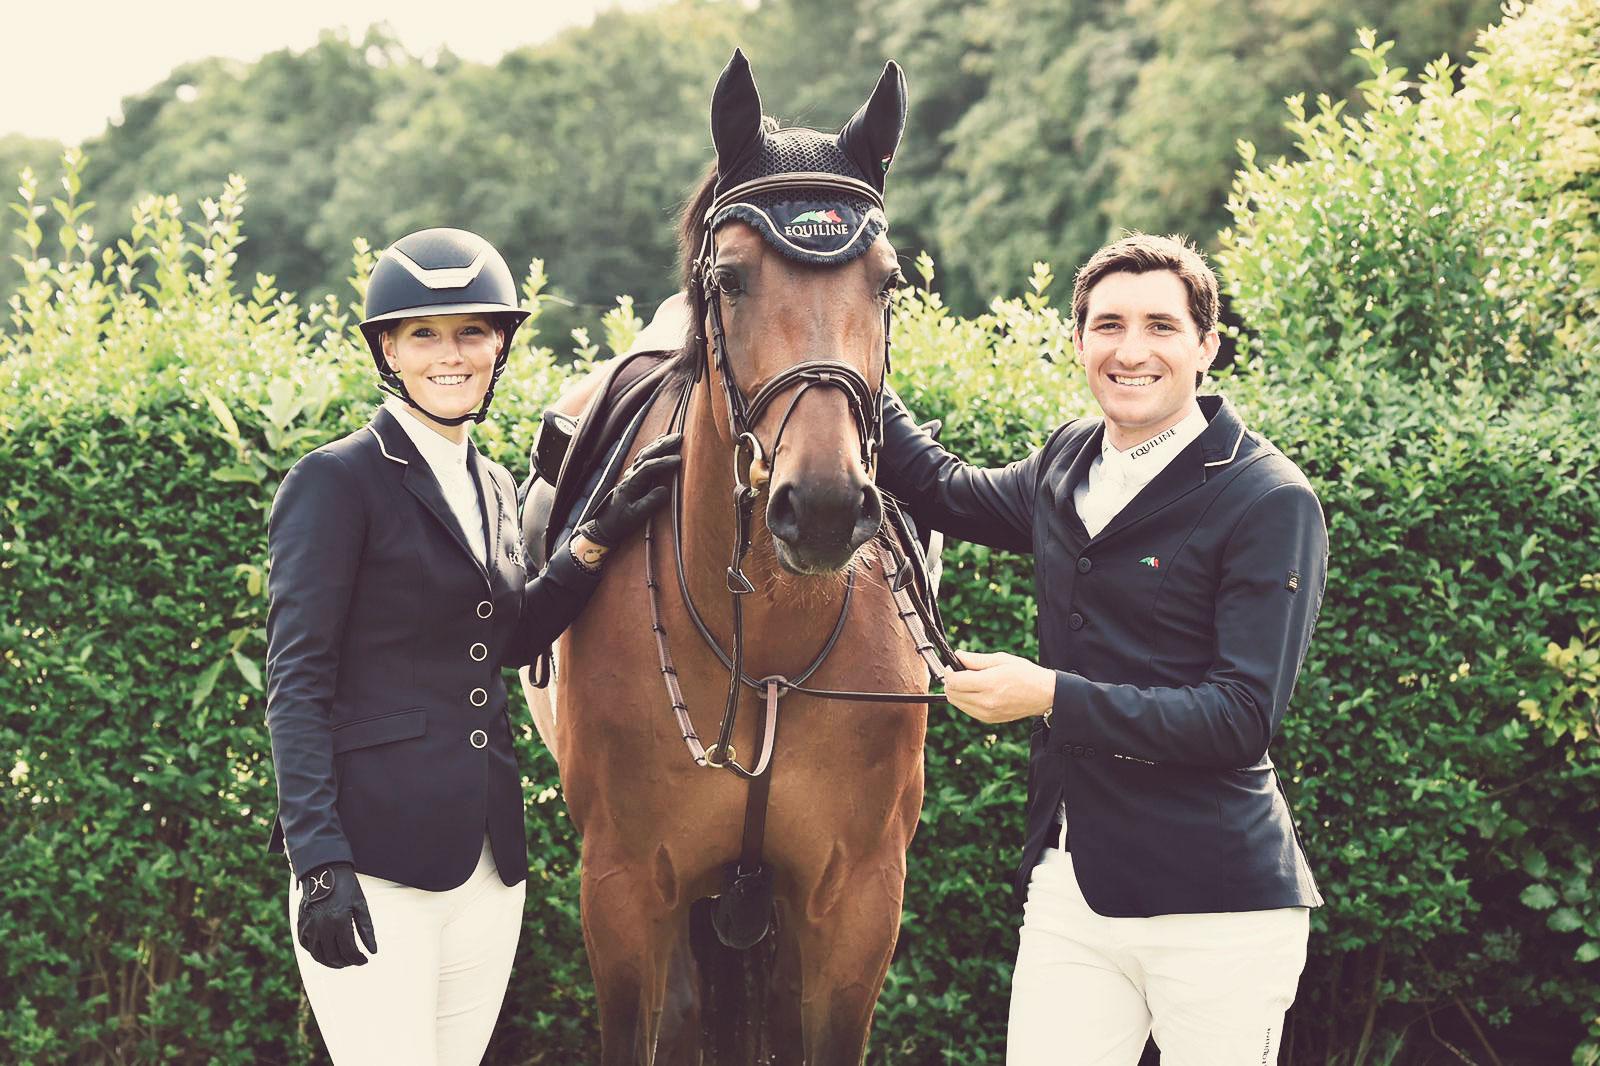 Michael sammen med kjæresten Jana